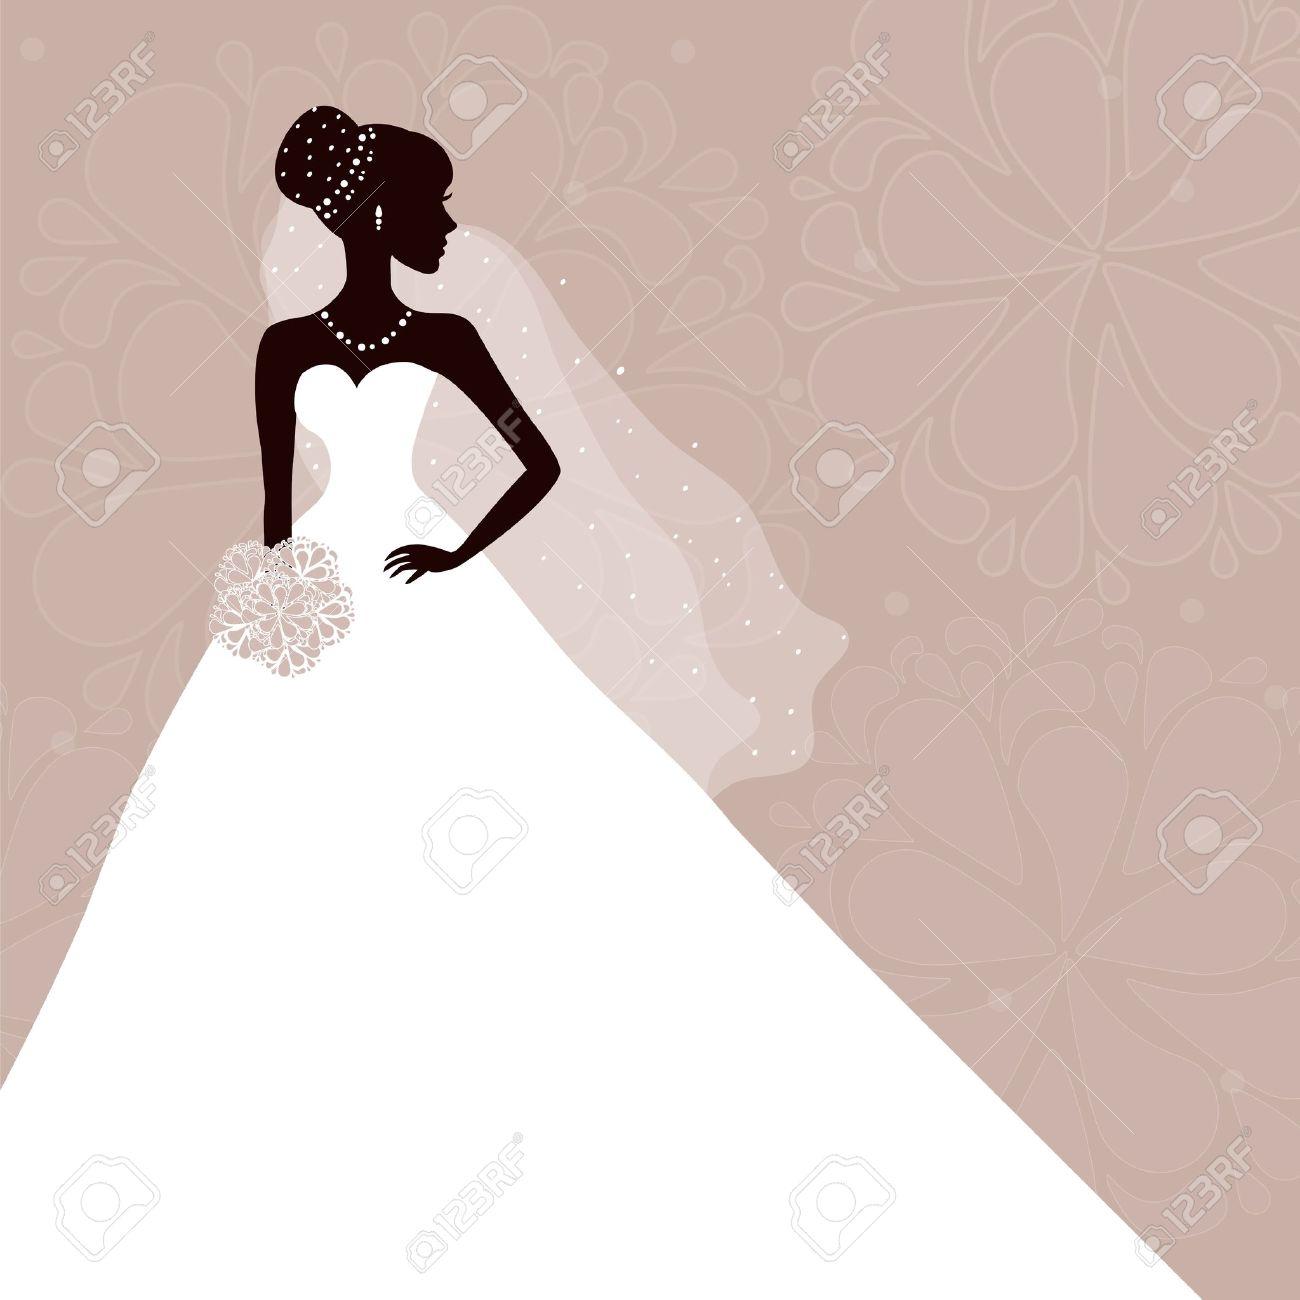 Wedding dress silouhette on purple backdrop clipart.